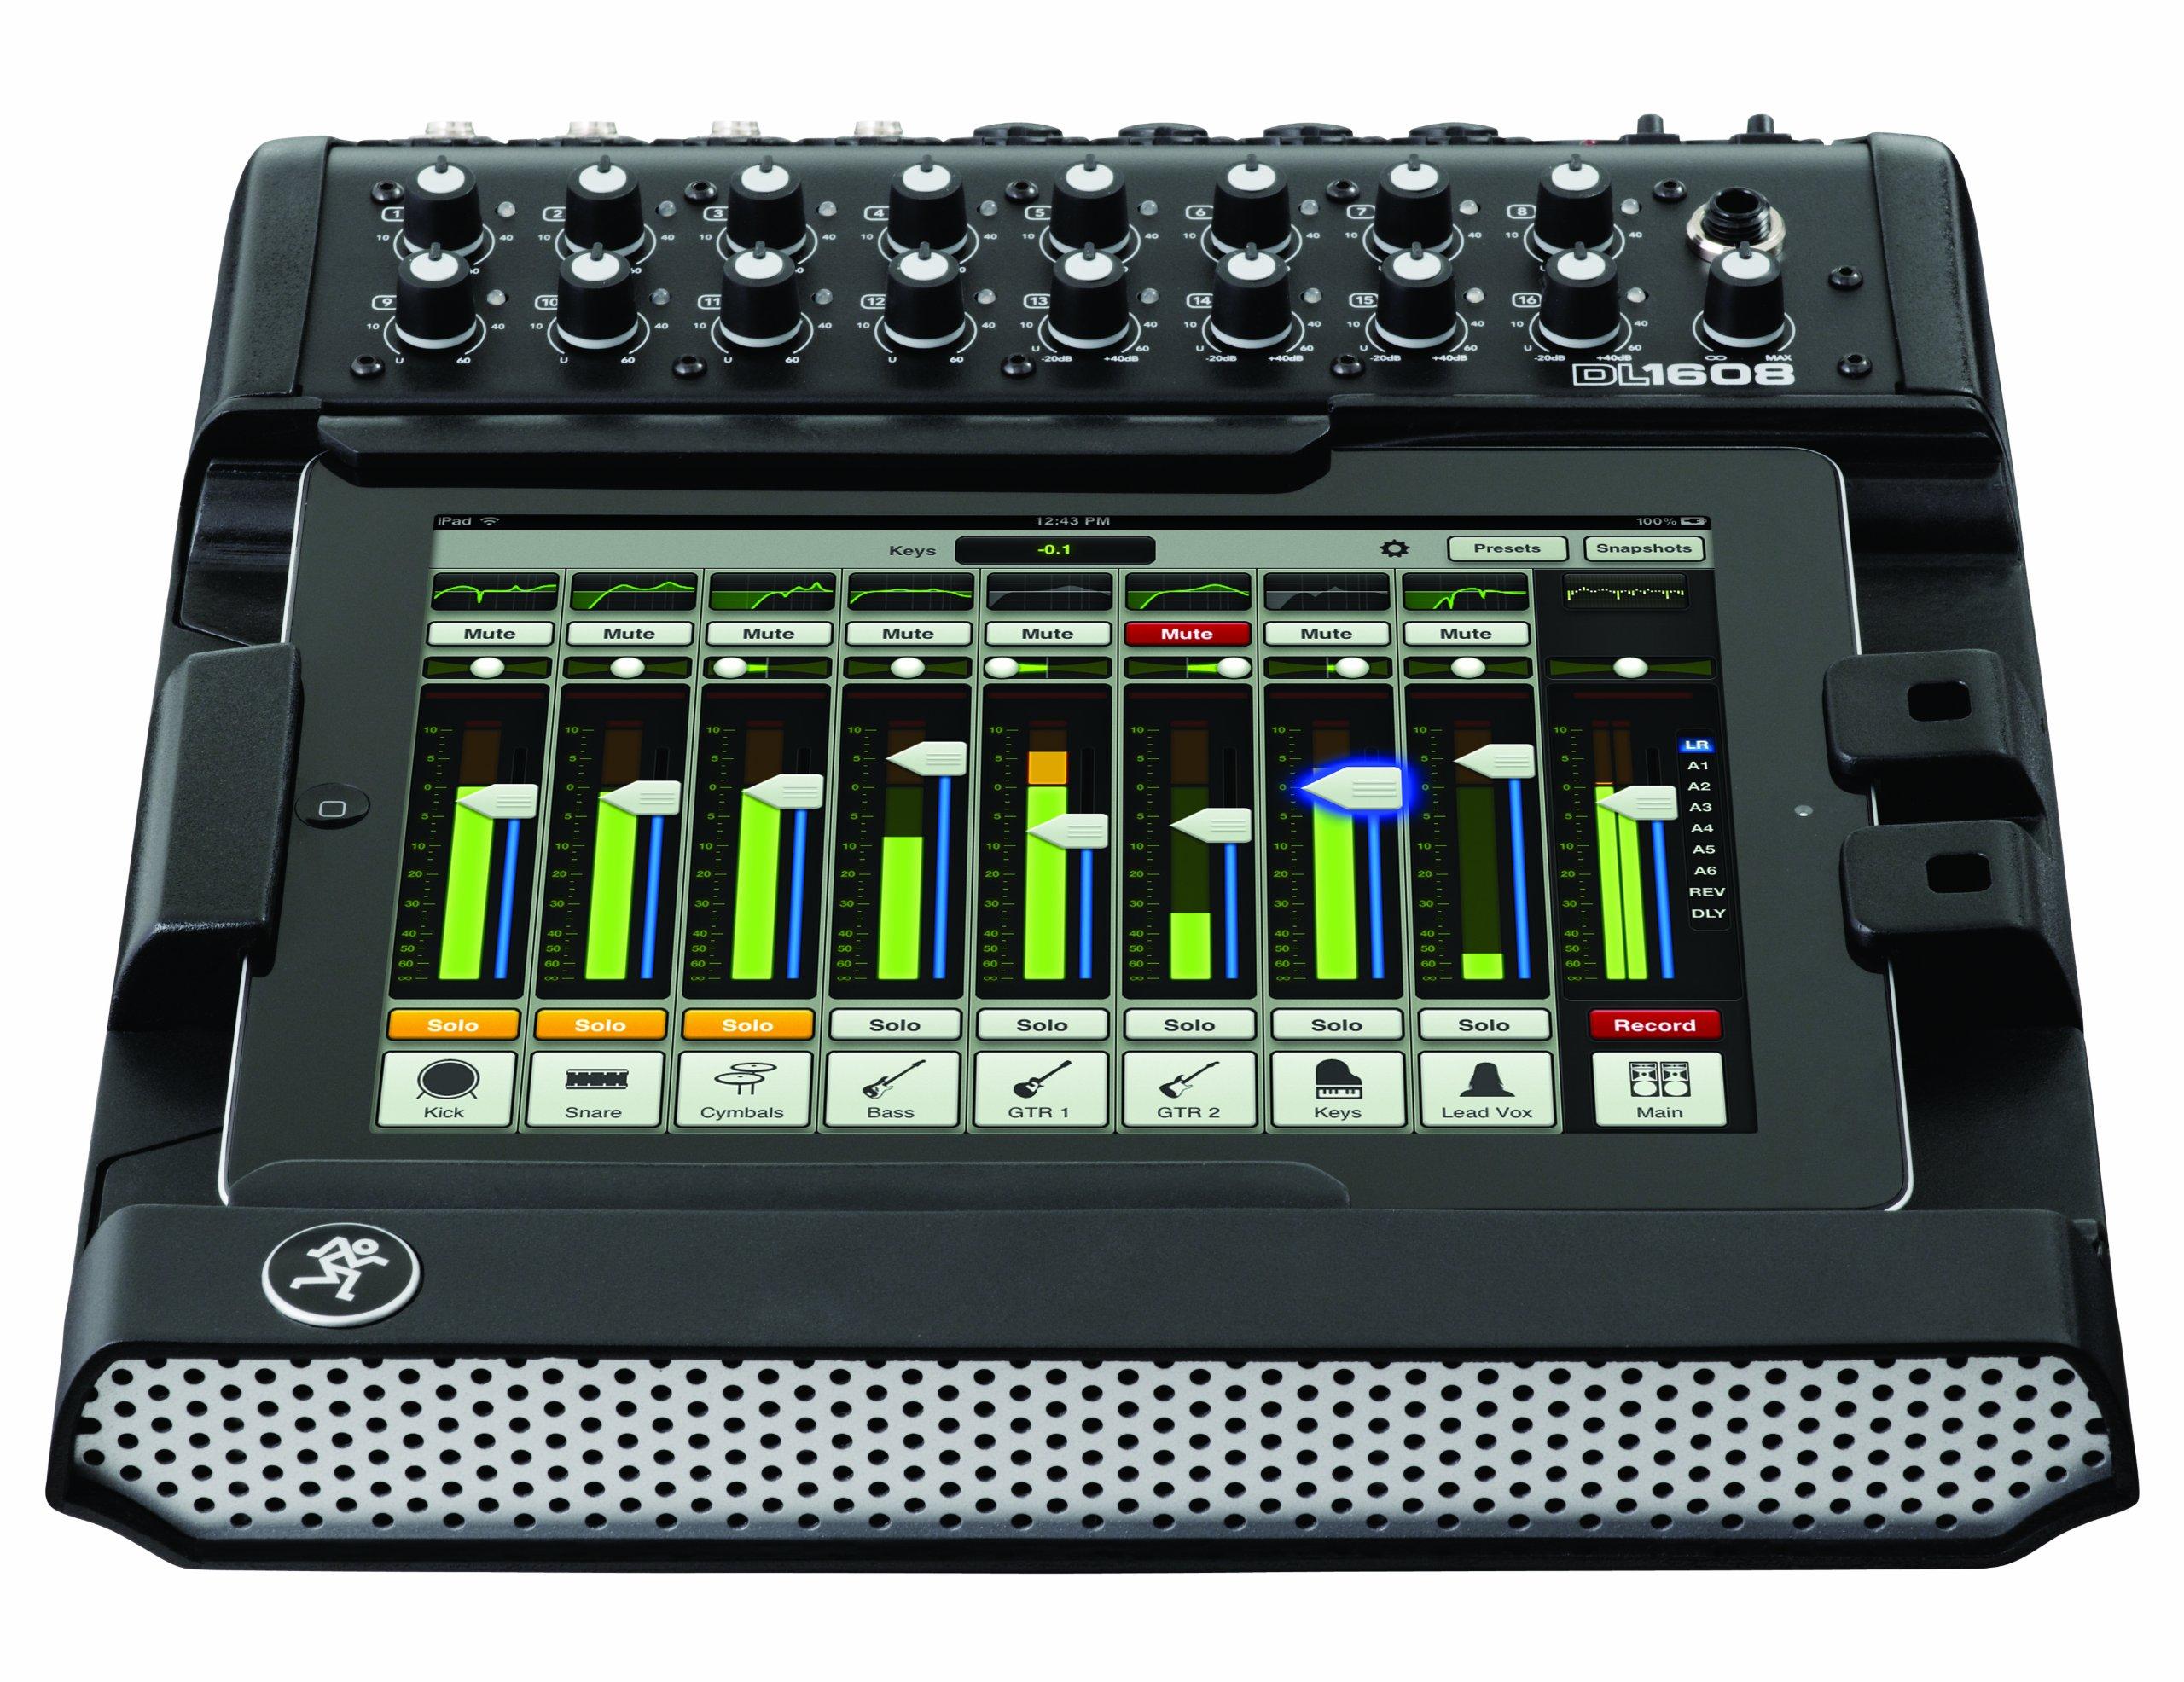 Mackie DL1608 DJ console